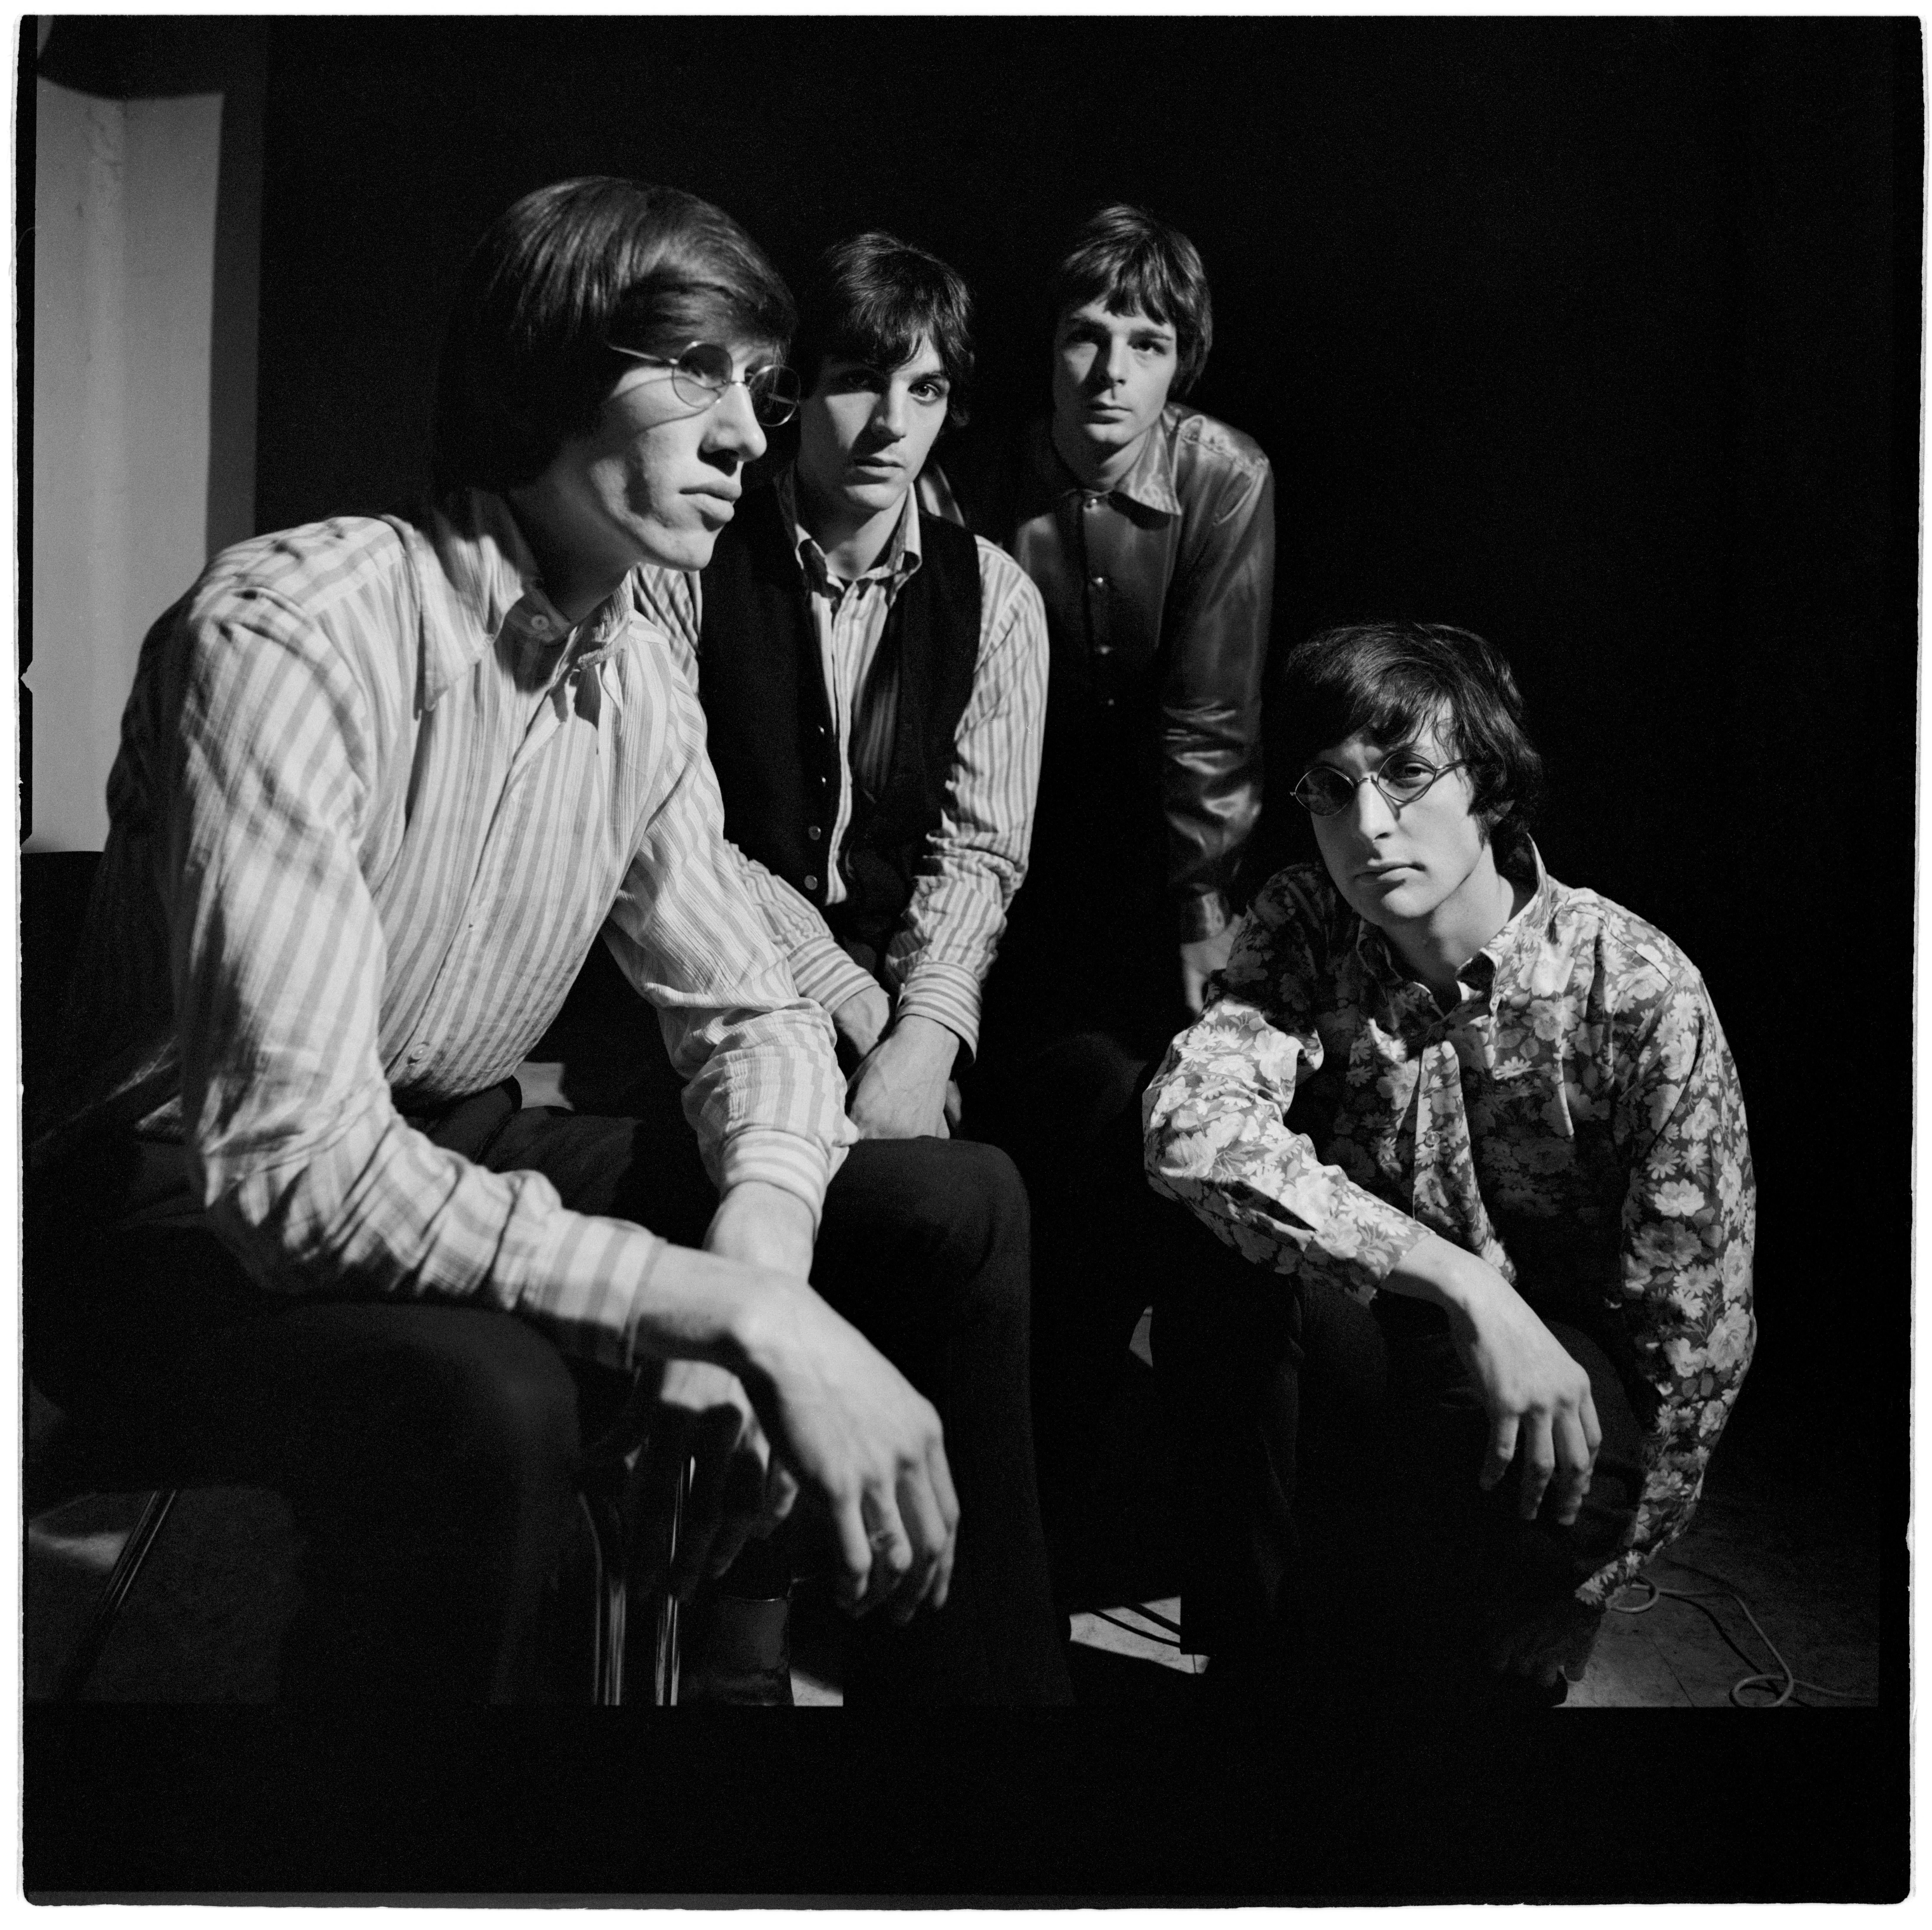 Pink Floyd BPC1118A neg 9 b retouch (1)